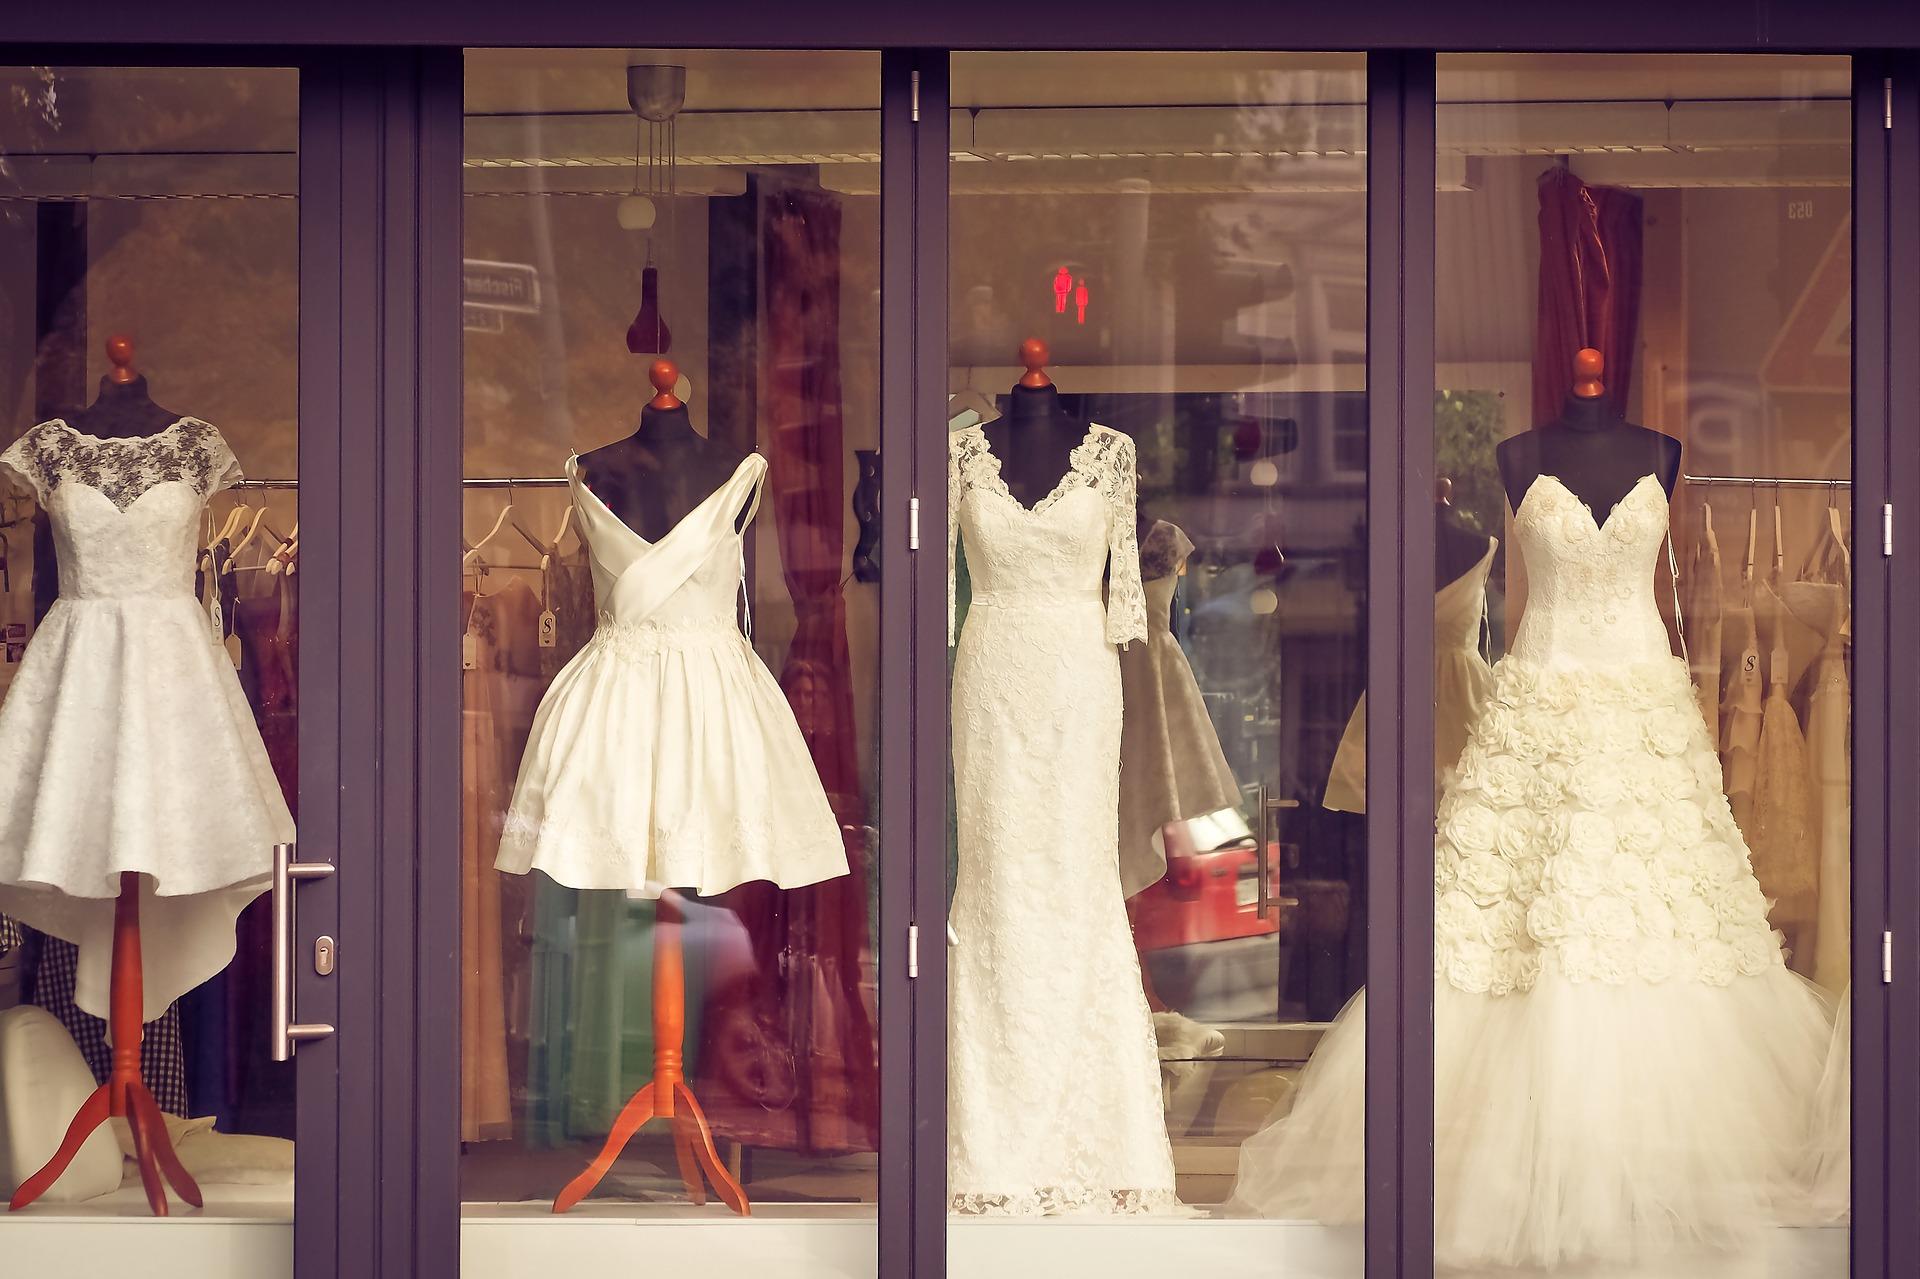 svatební šaty ve výloze